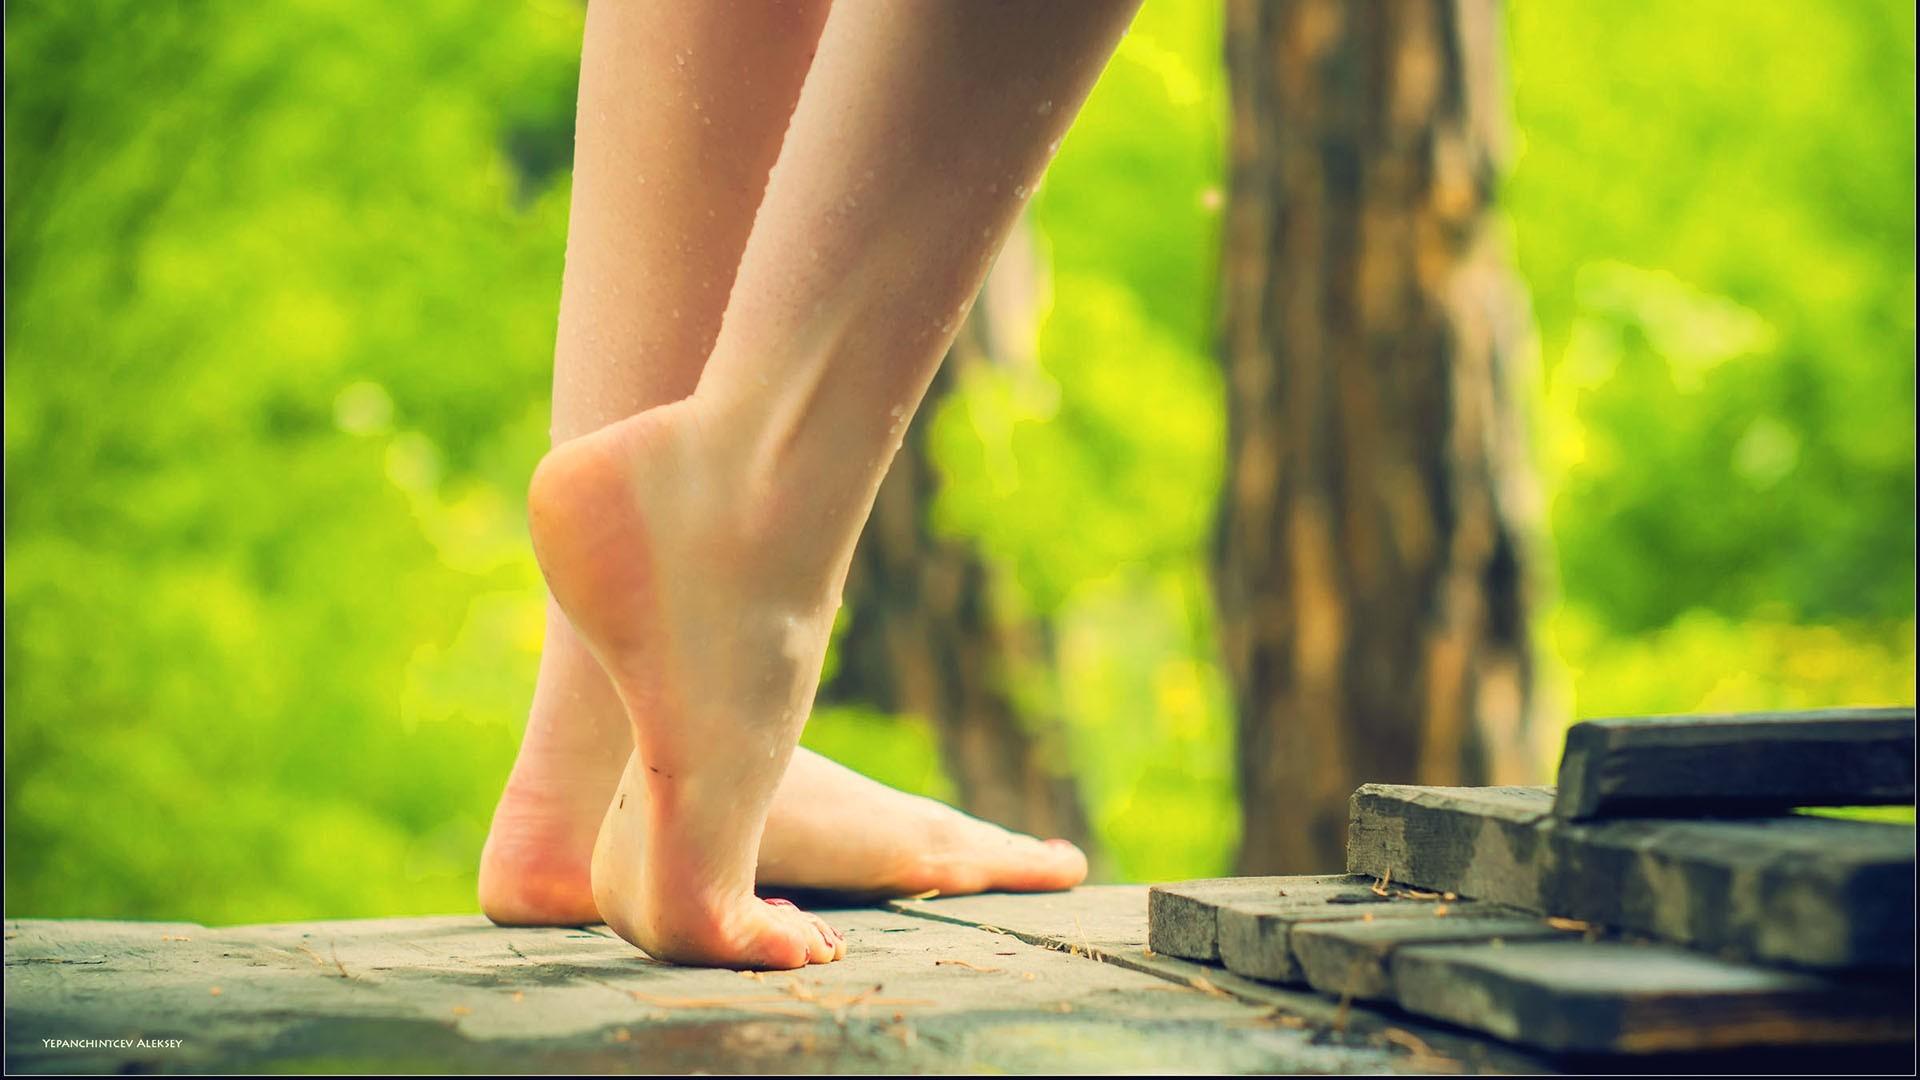 красивые босые женские ножки только видео тебе там